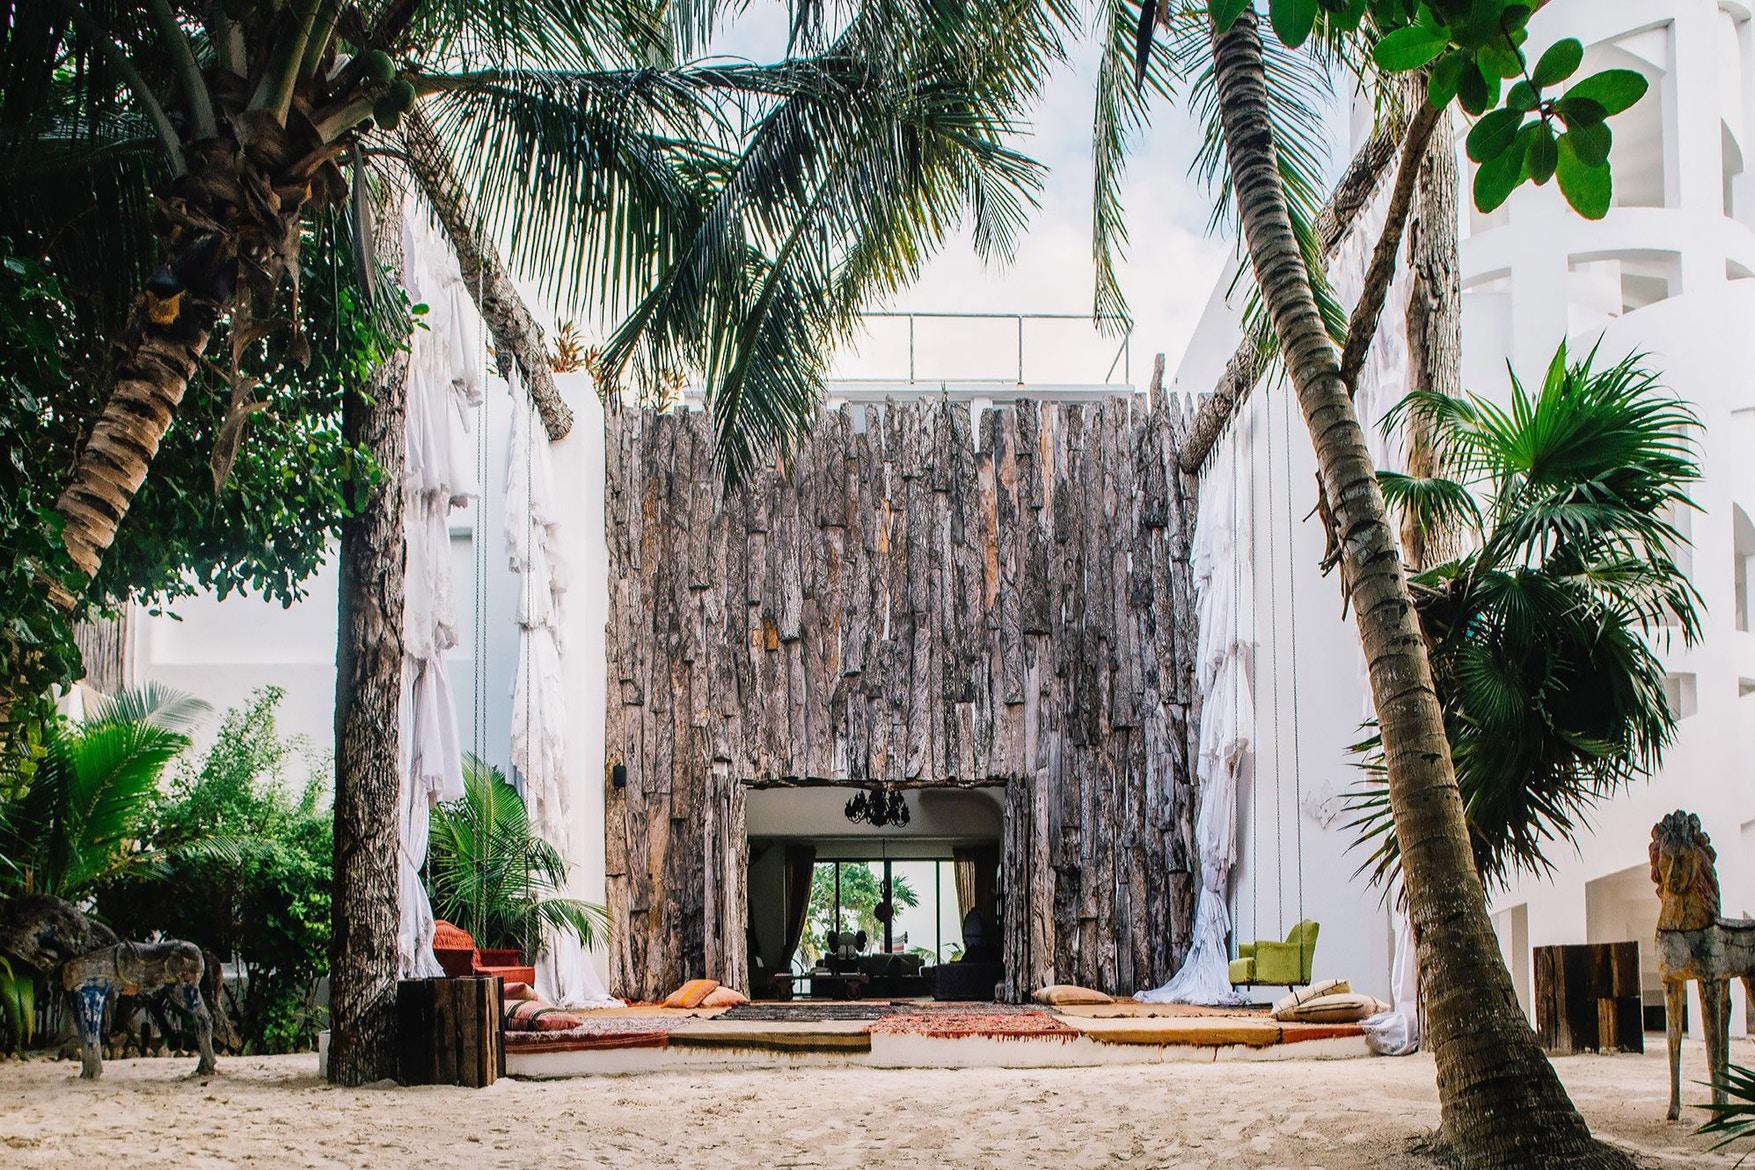 Pablo Escobar Mexico hotel - casa malca